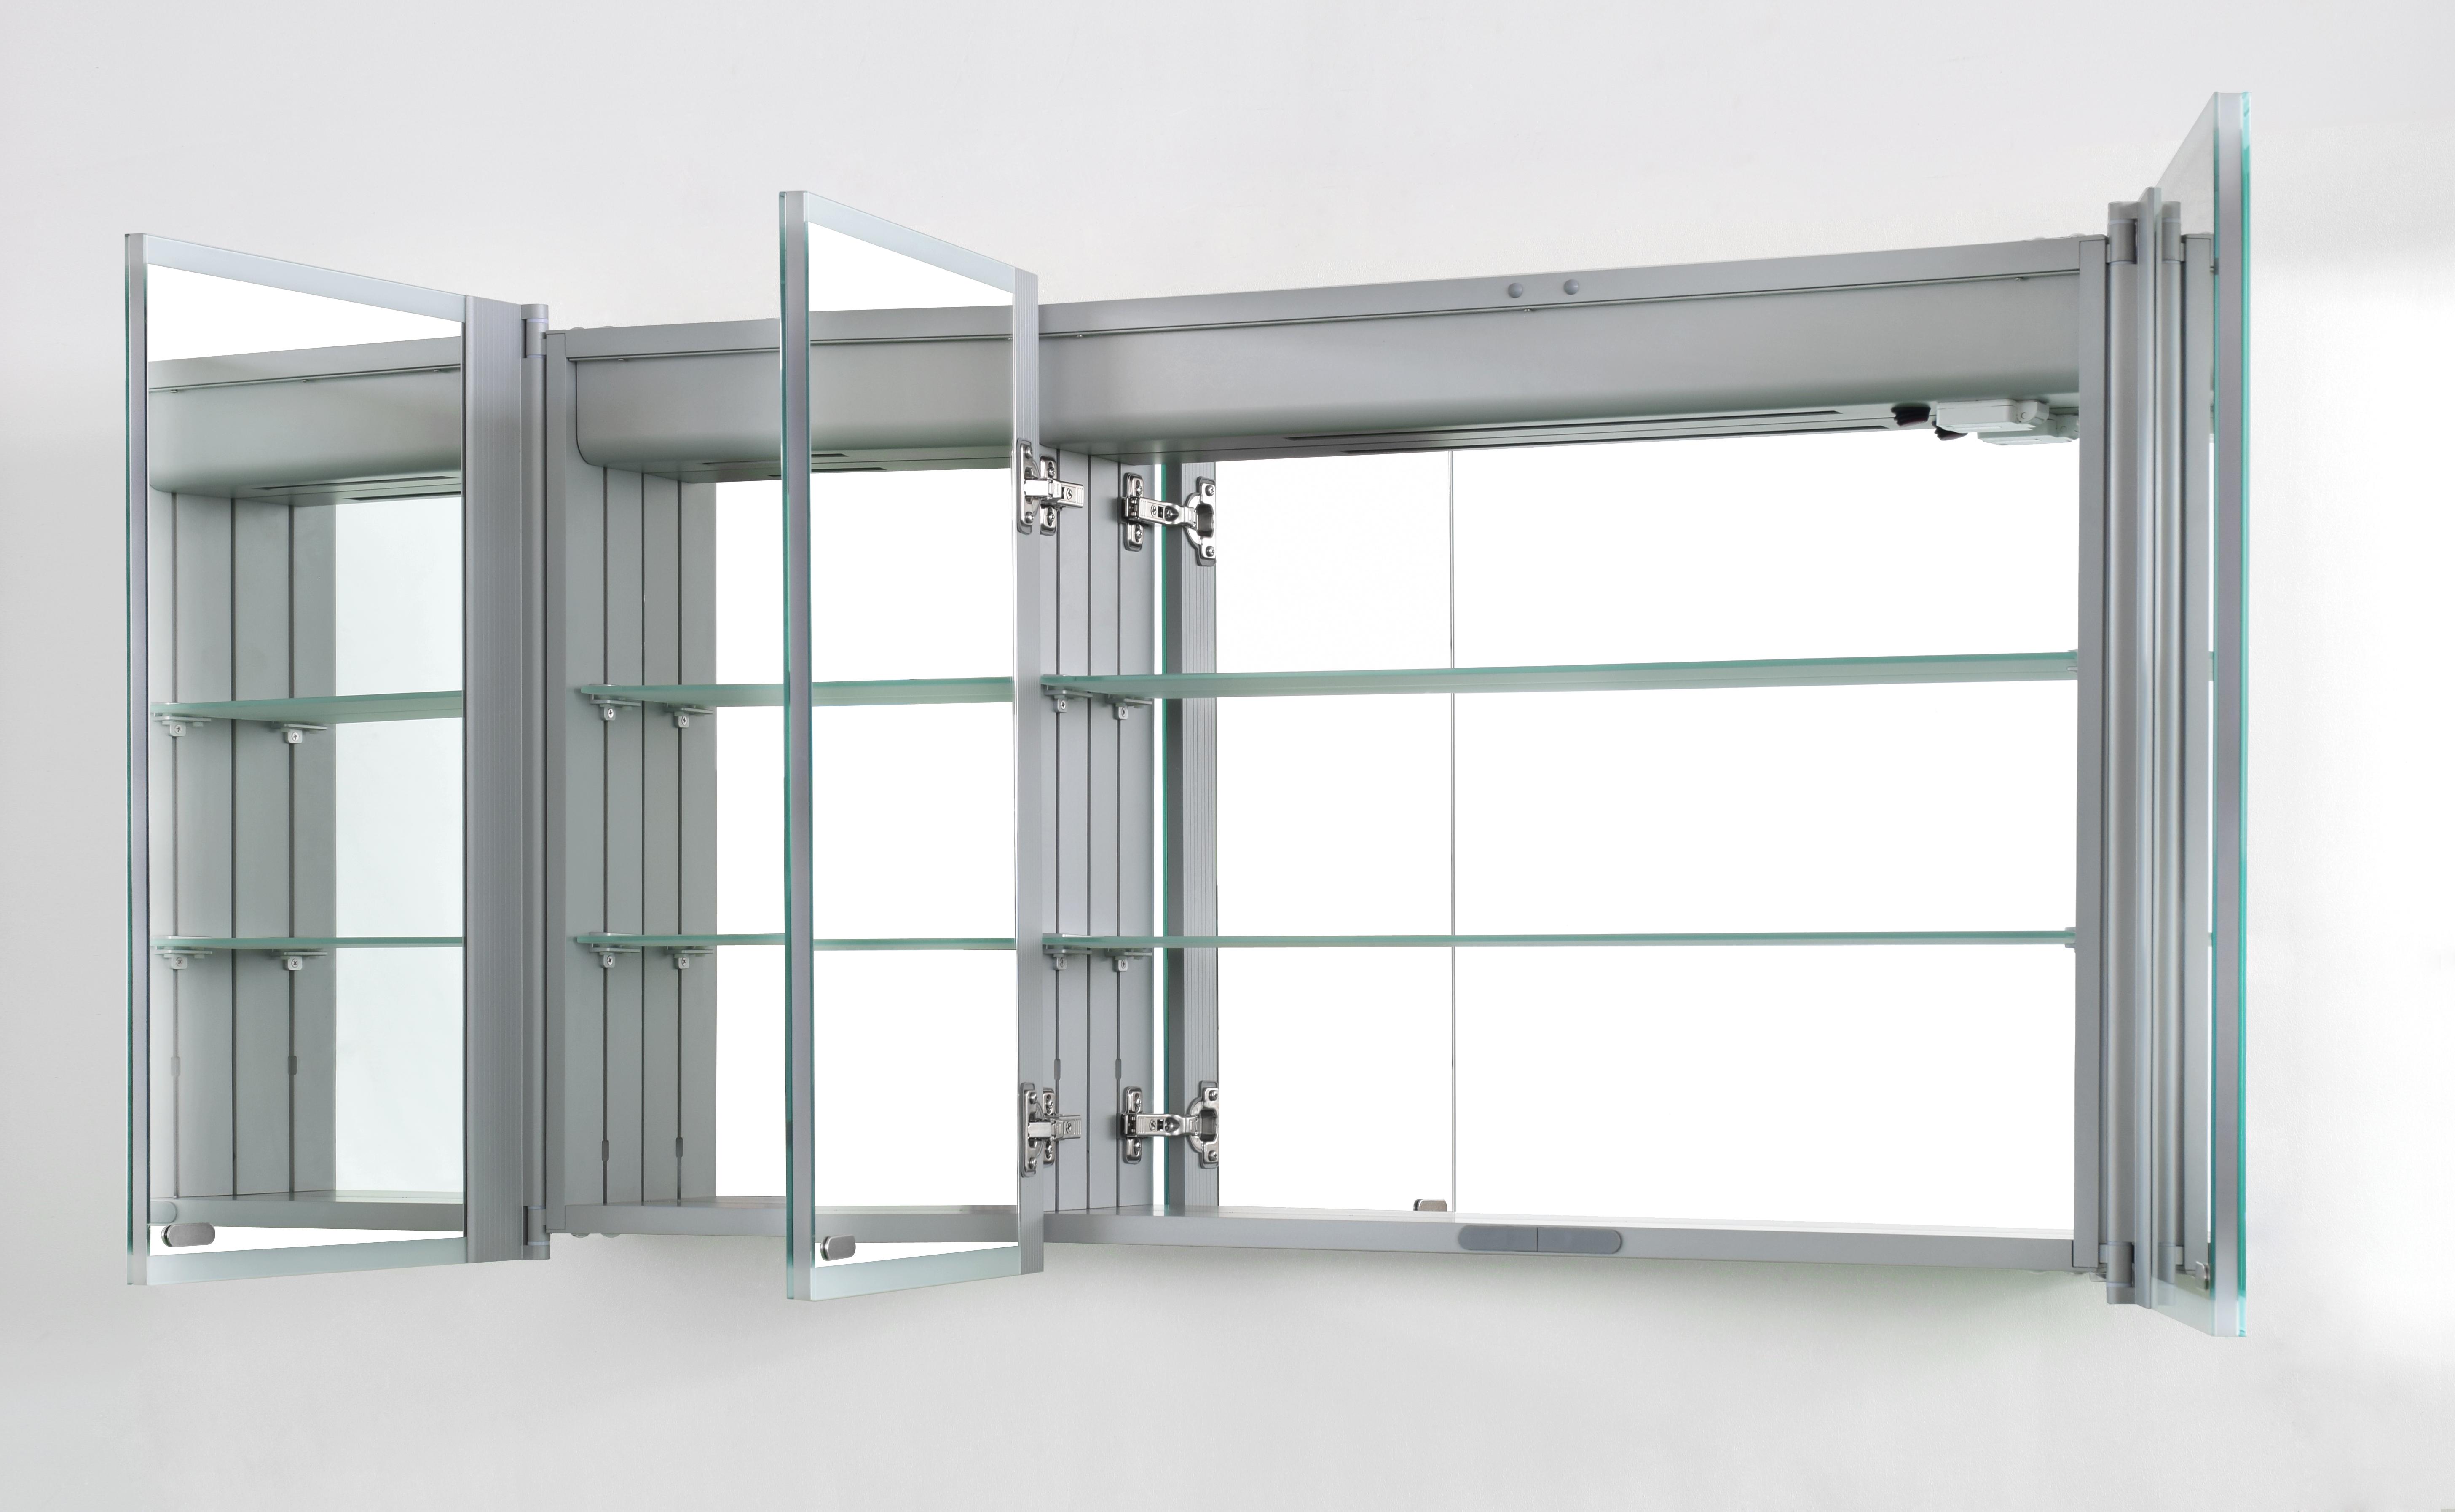 Spiegelschrank 160 Cm.Details Zu Spiegelschrank Mit Led Beleuchtung Alu Korpus Skyline Breite 80 100 120 160 Cm